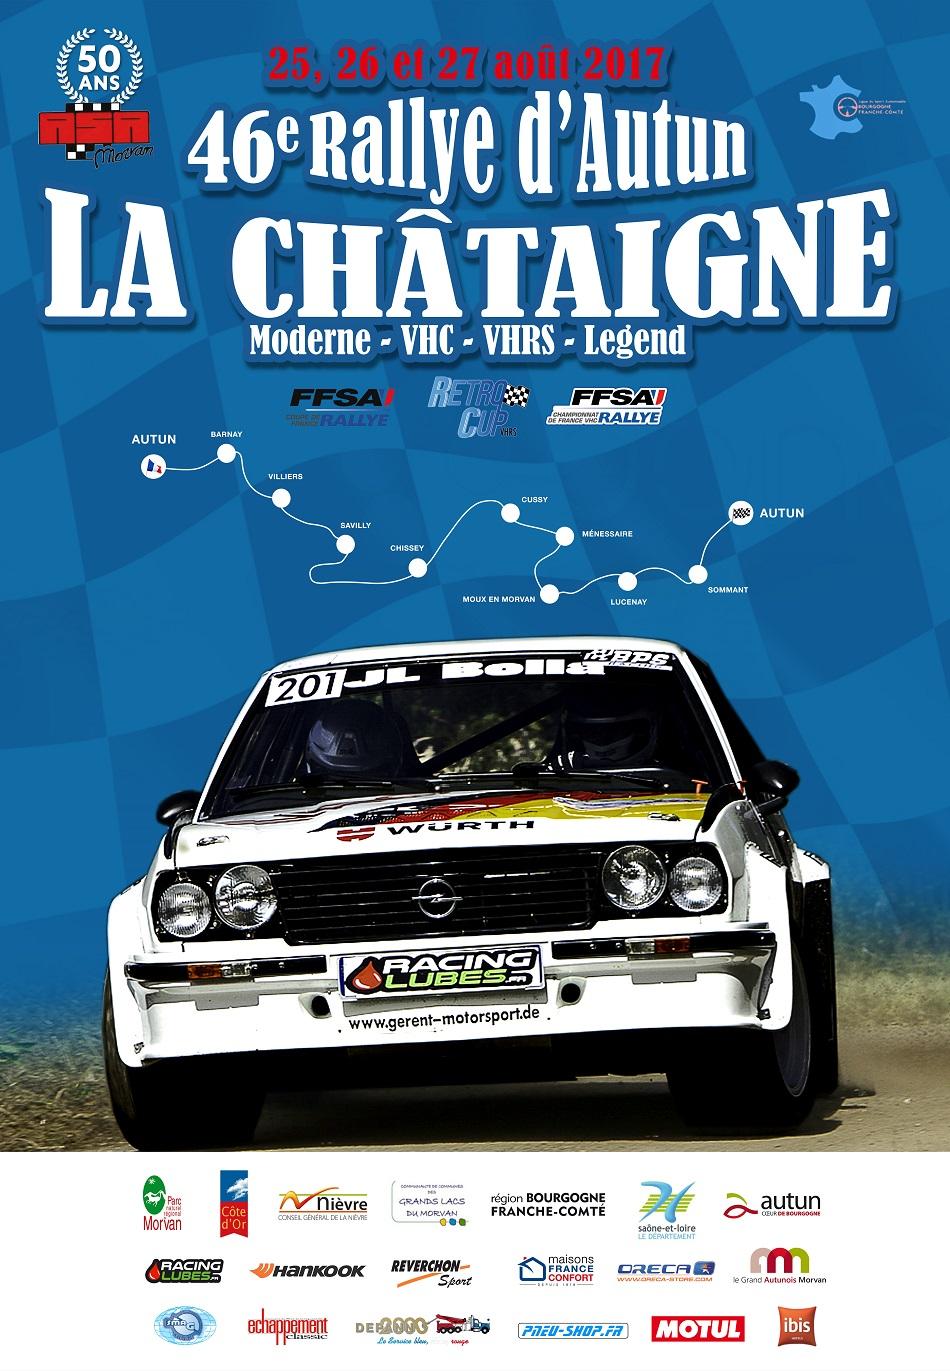 Rallye d'Autun 2017 - Affiche VH.jpg